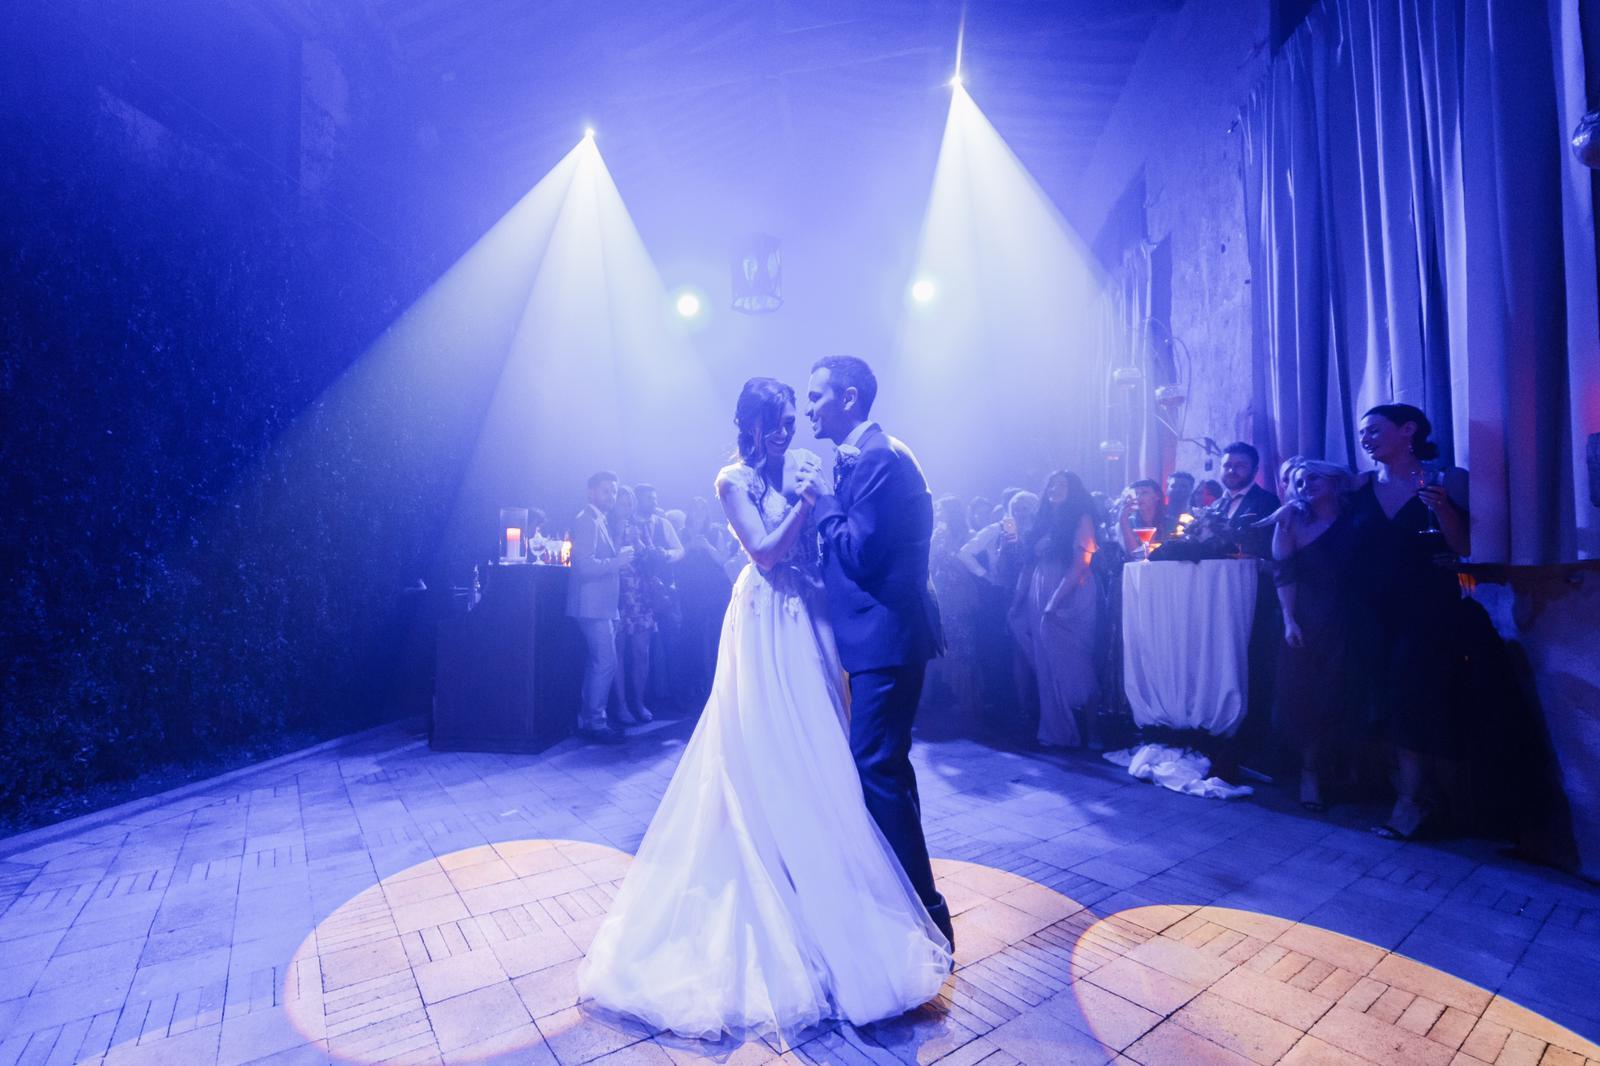 Matrimonio finisce in tragedia: sposa avvolta dalle fiamme durante la festa